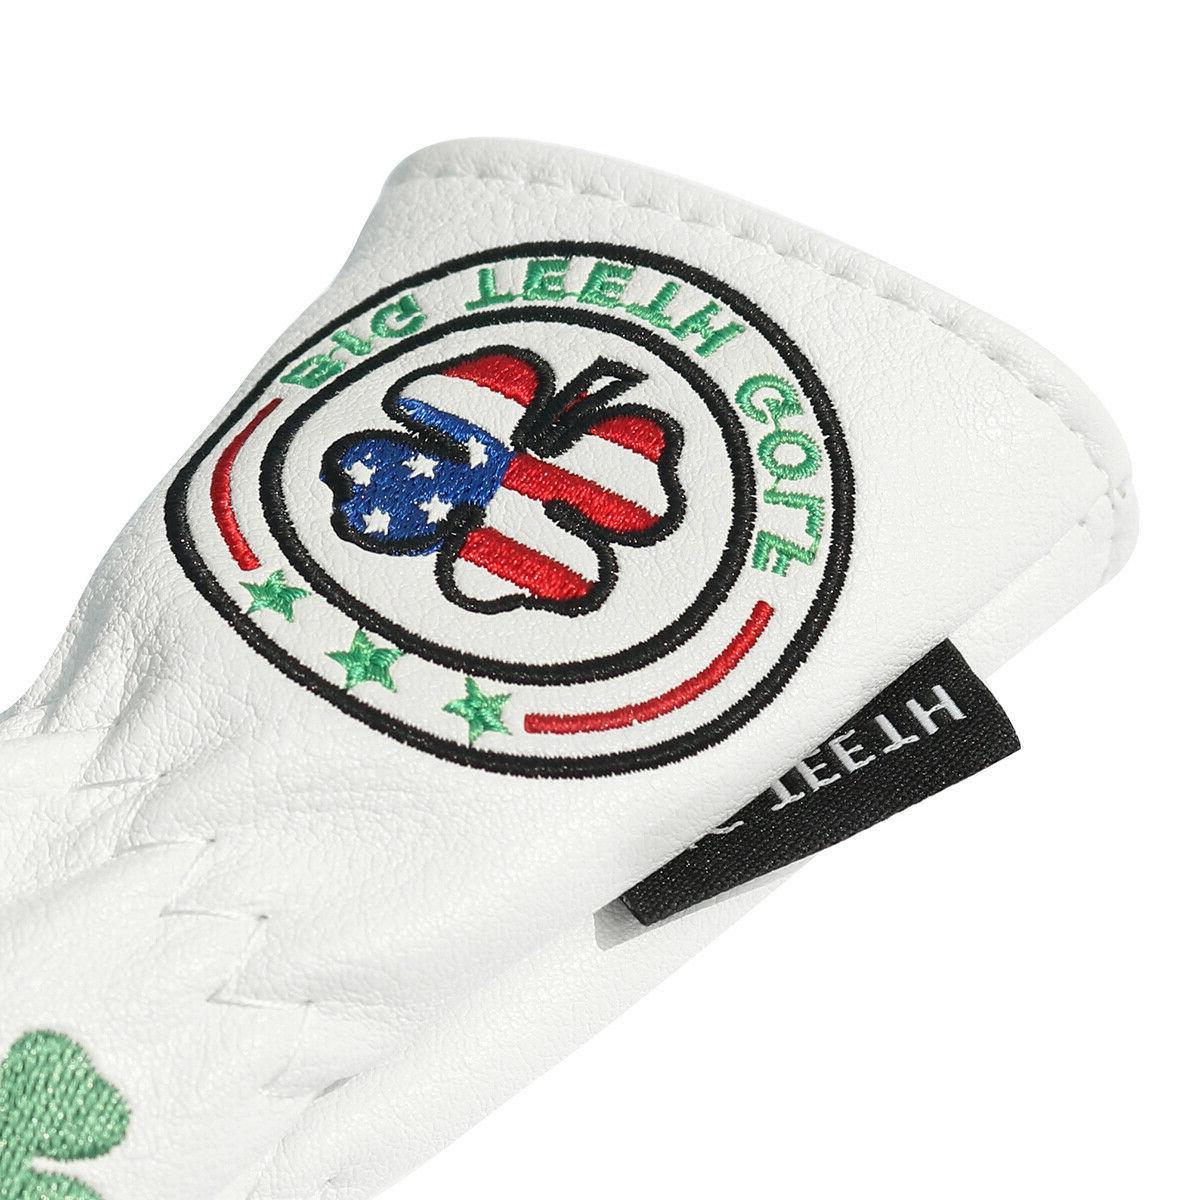 Golf Iron 11Pcs/Set White Leather Long Neck US